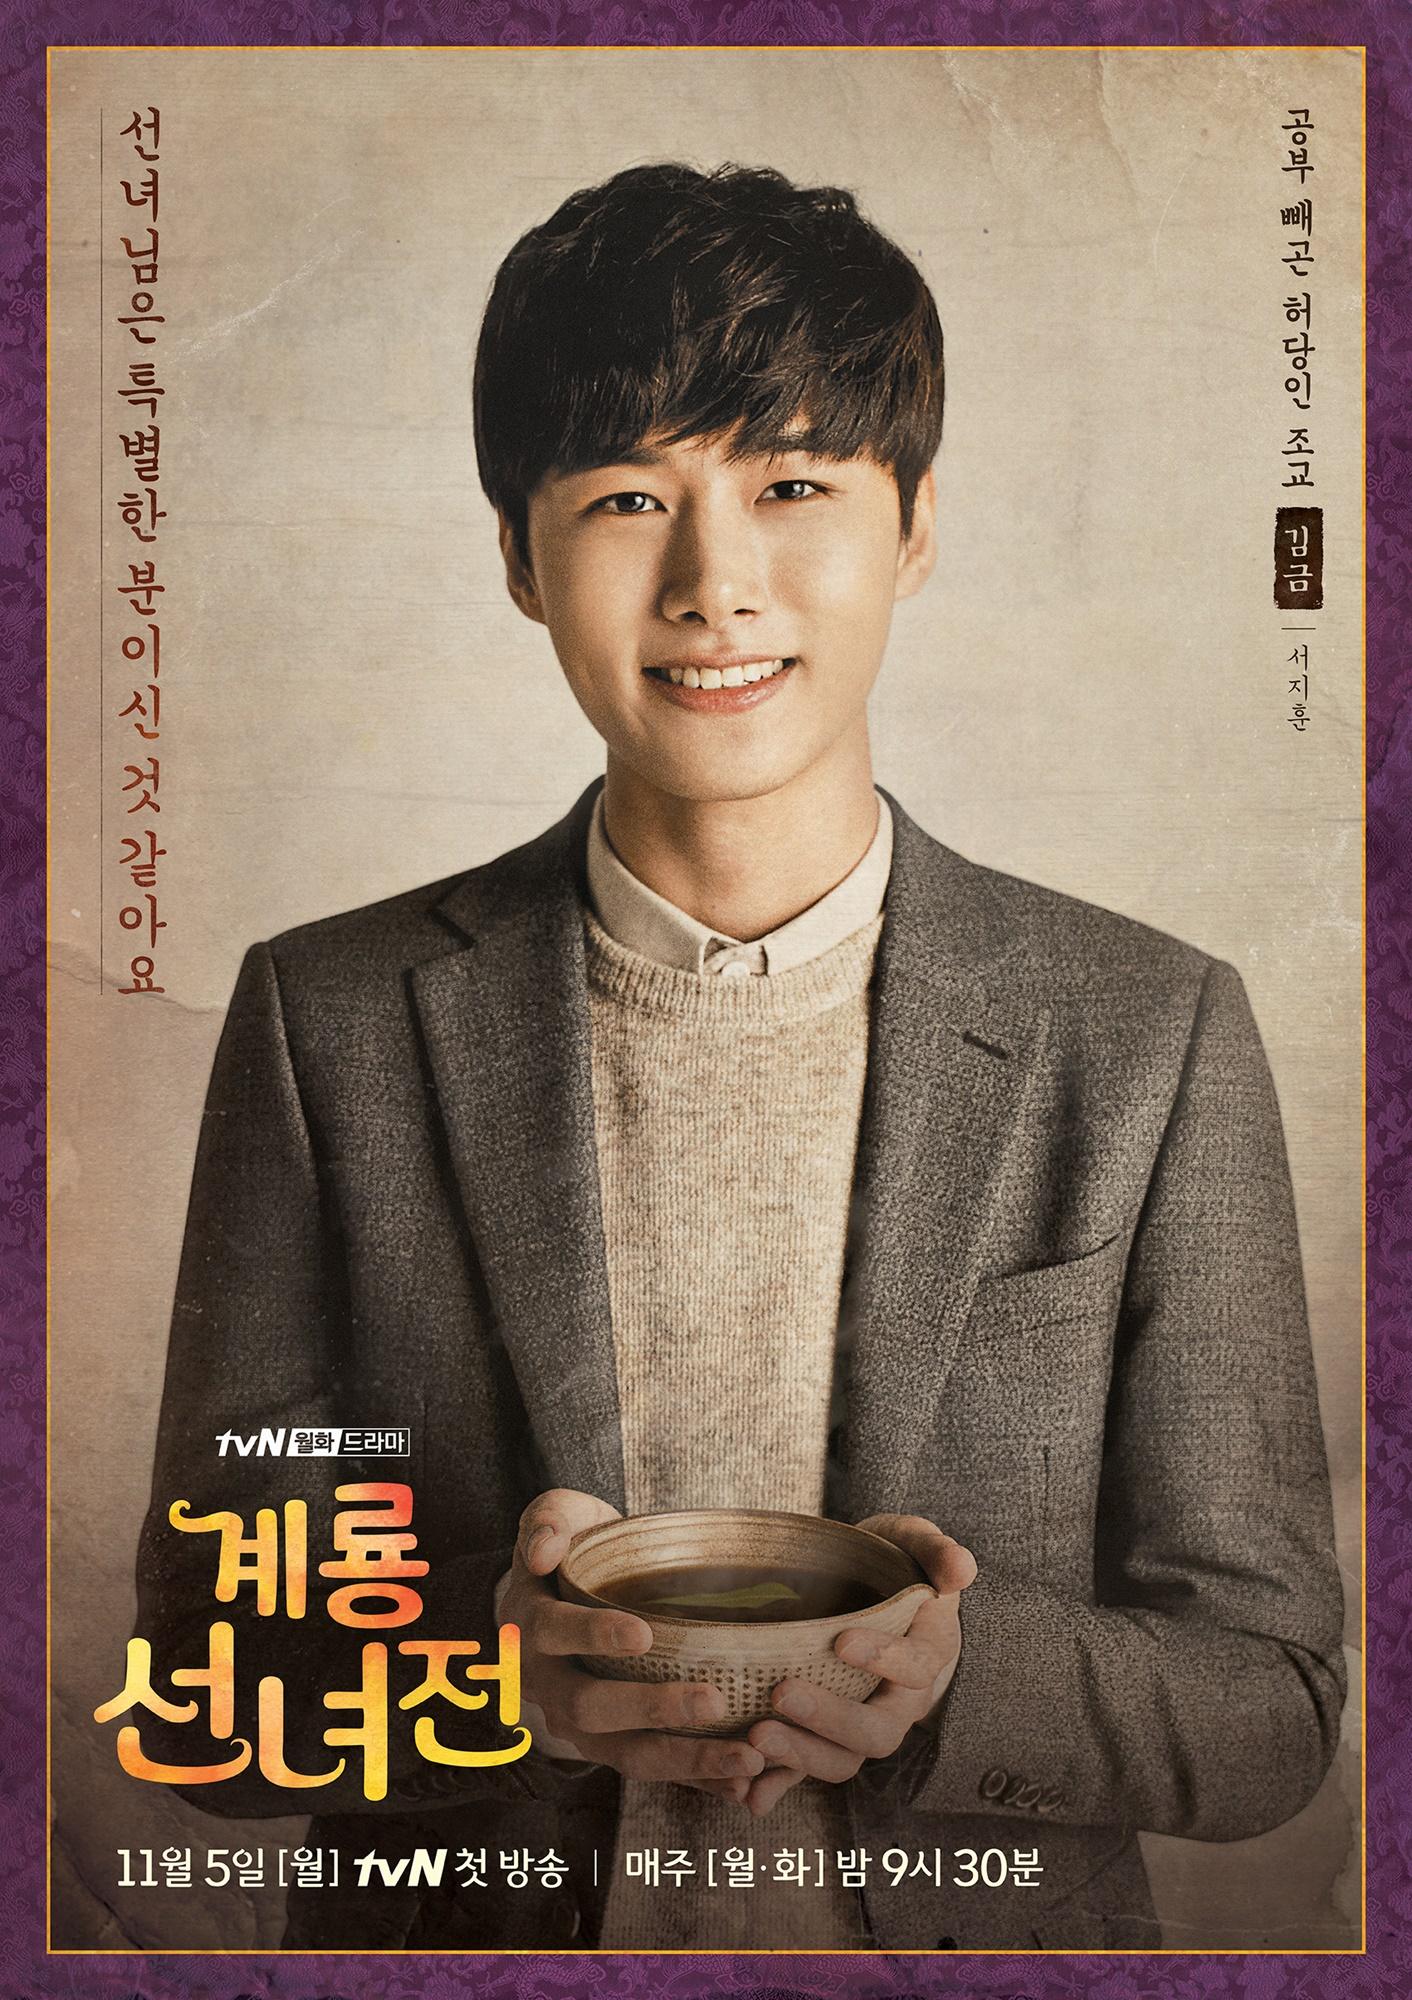 181015 - (4) tvN [계룡선녀전] 캐릭터 포스터로 먼저 만나는 계룡선녀전!.jpg